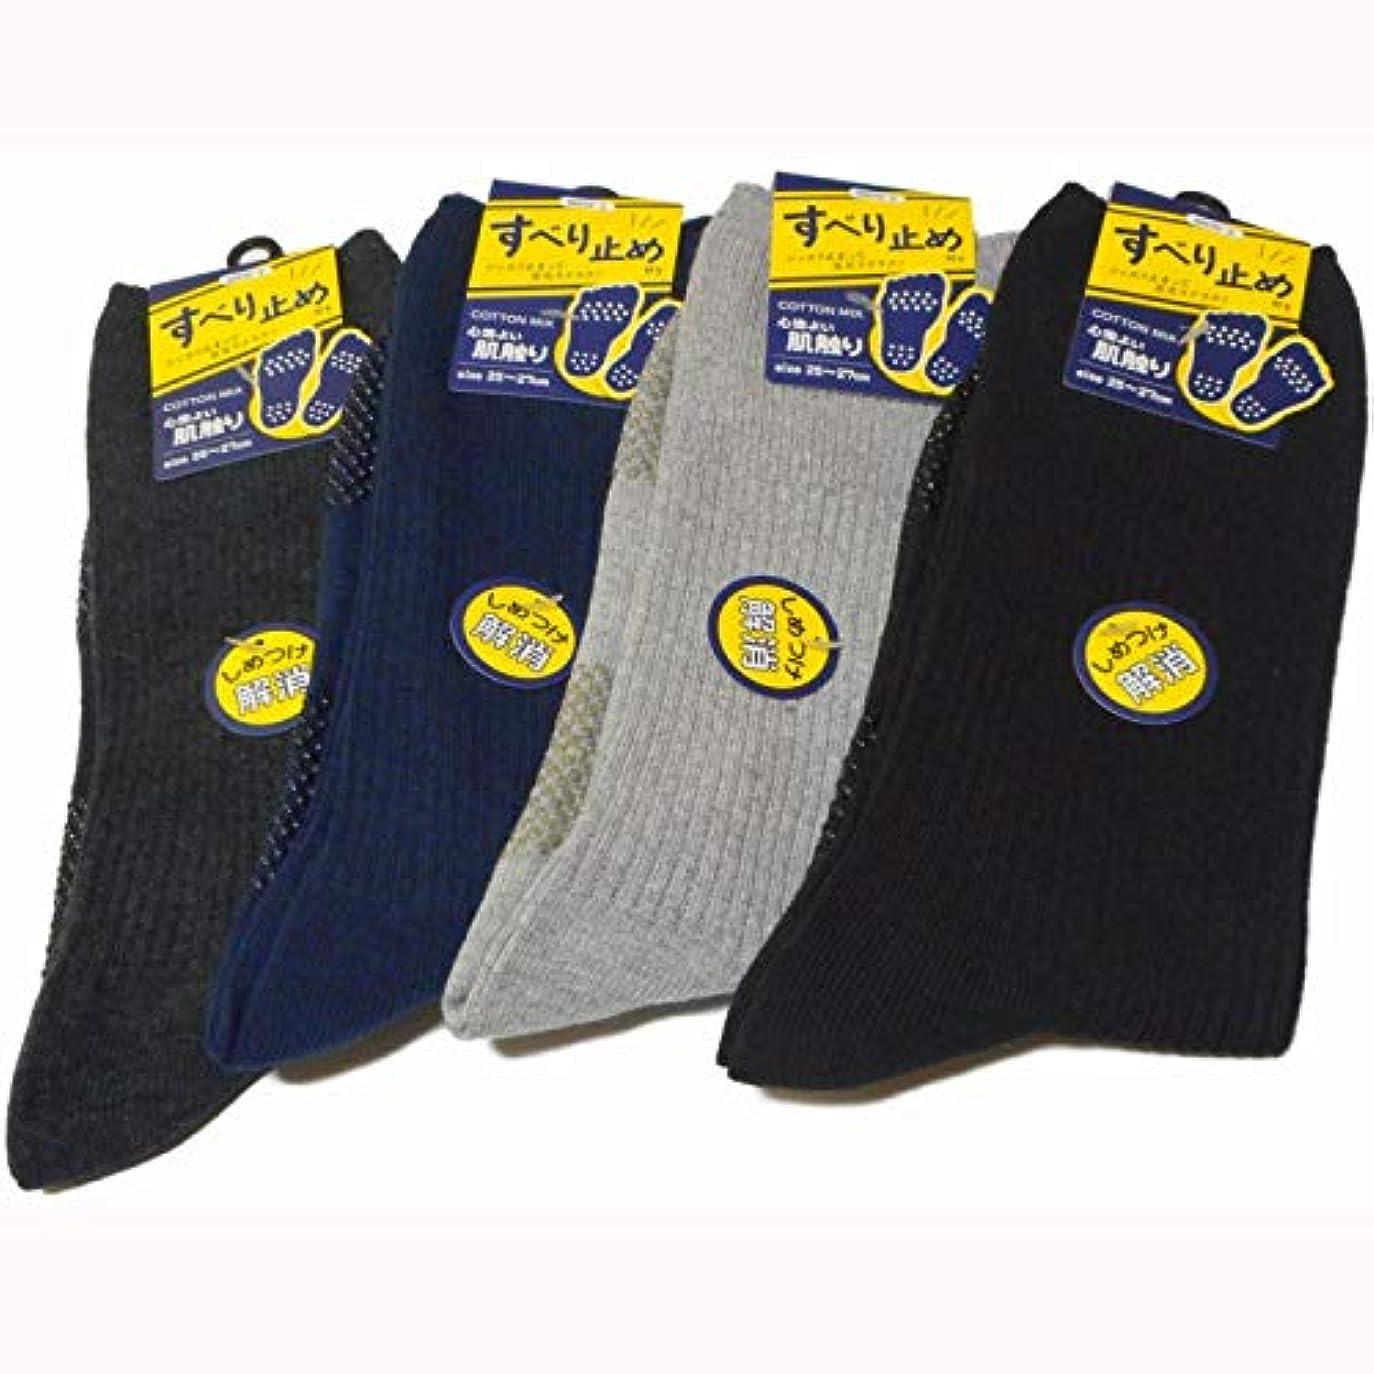 新着契約した梨靴下 メンズ ビジネスソックス 綿混 クチゴムゆったり 無地 滑り止め付 25-27cm 4足組 (色はお任せ)